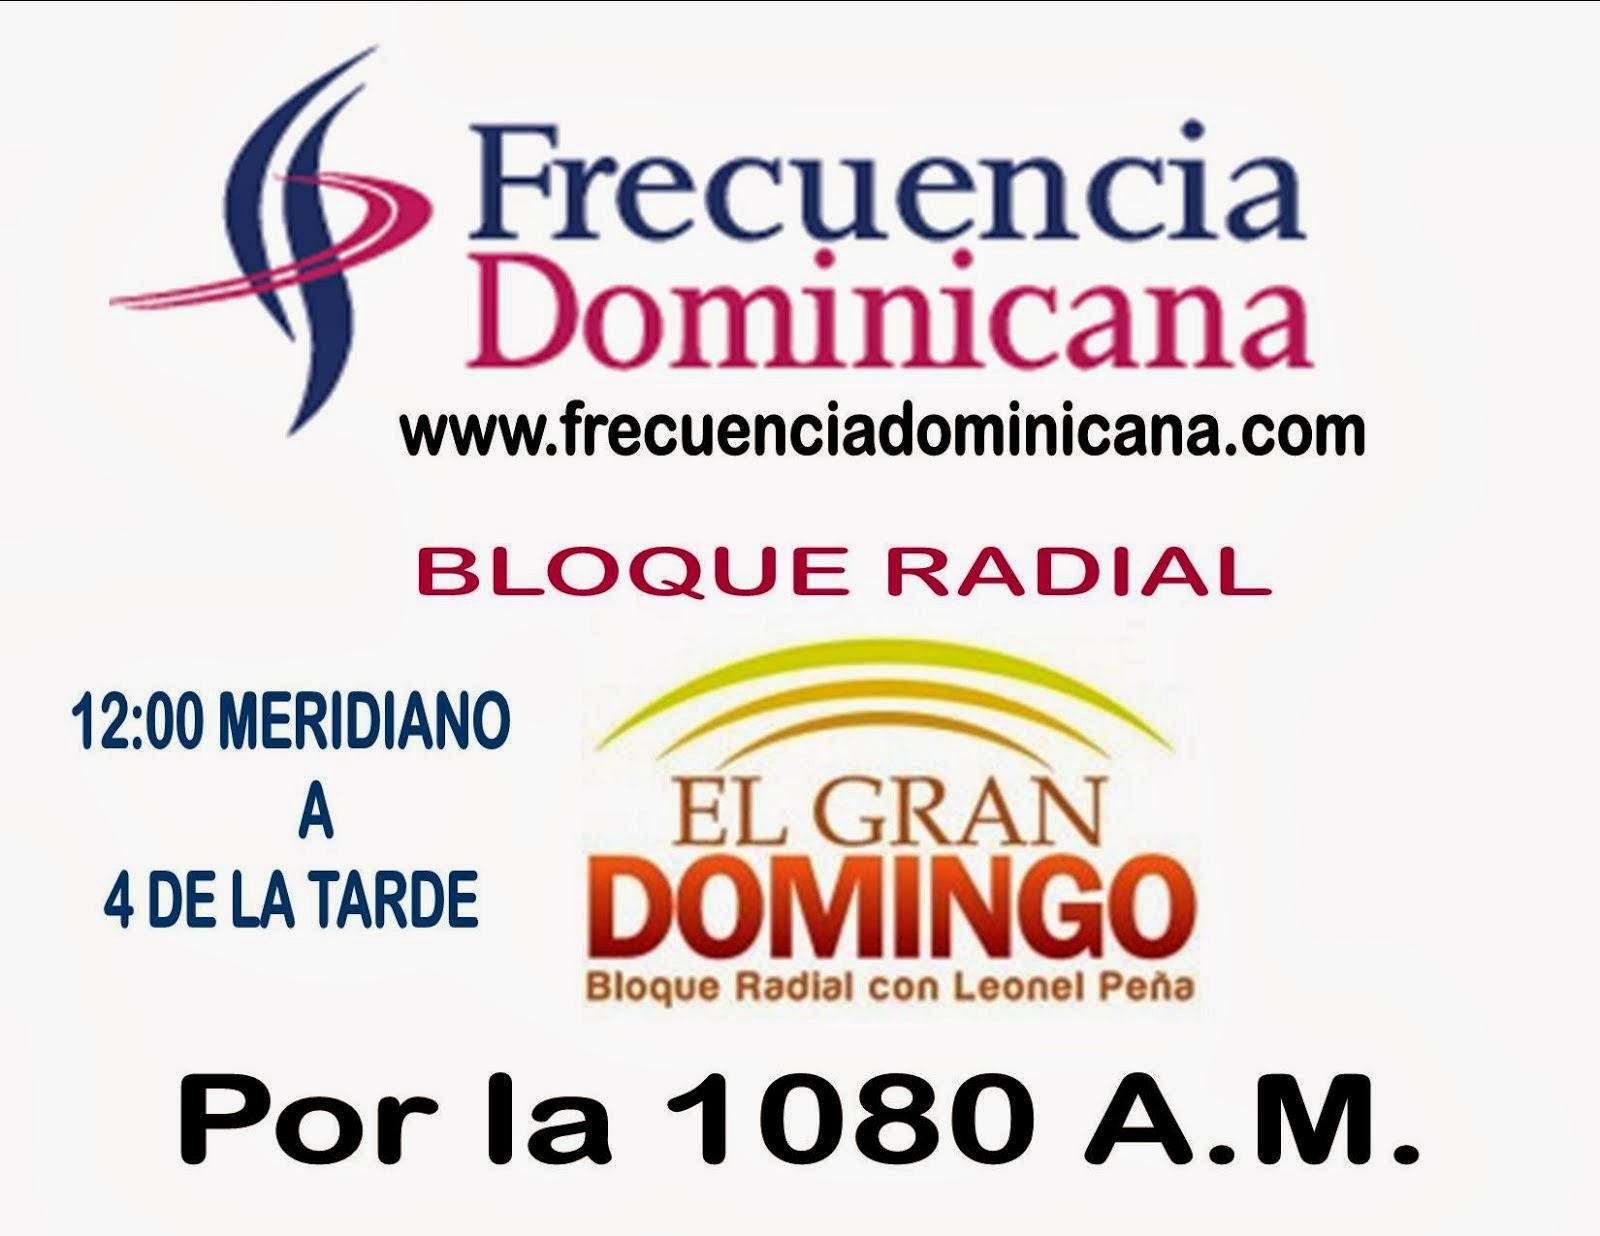 FRECUENCIA DOMINICANA